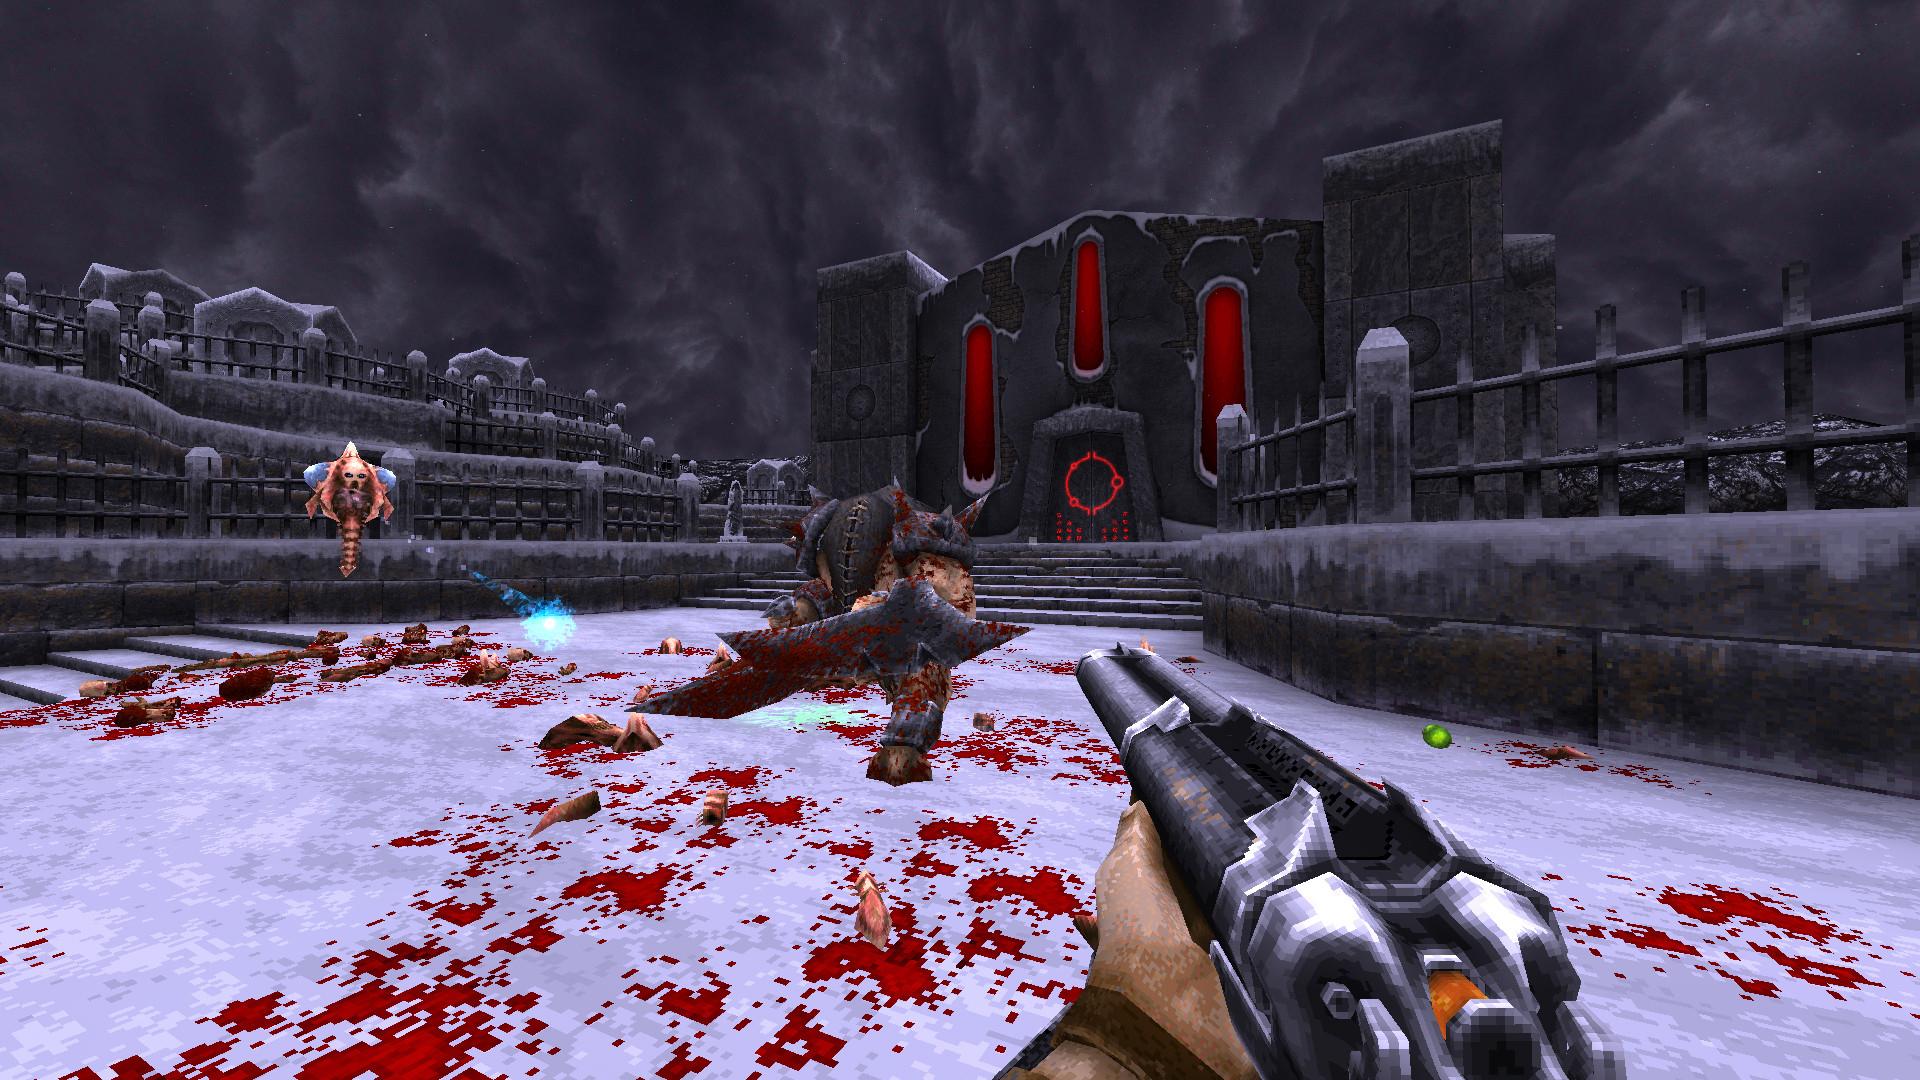 Релиз полной версии ретрошутера Wrath: Aeon of Ruin снова перенесли  теперь на 2022 год